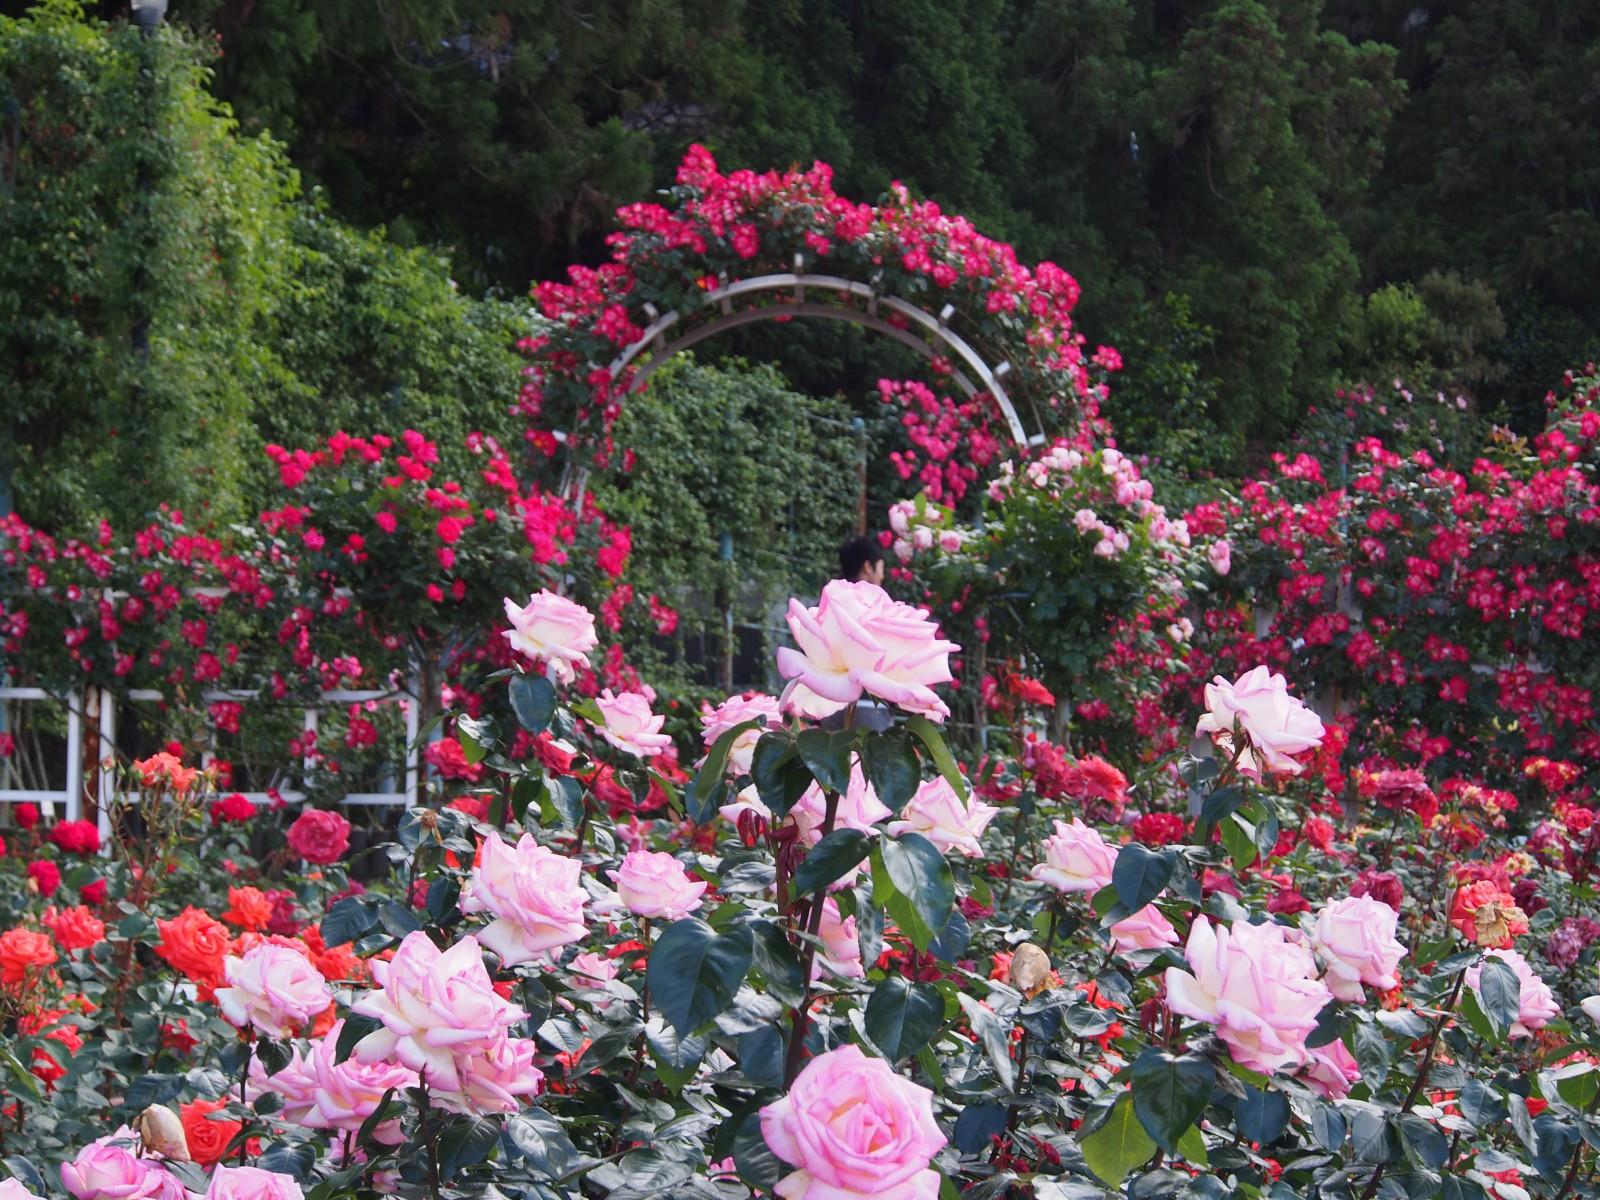 カラフルなバラが咲き誇る霊山寺のバラ庭園